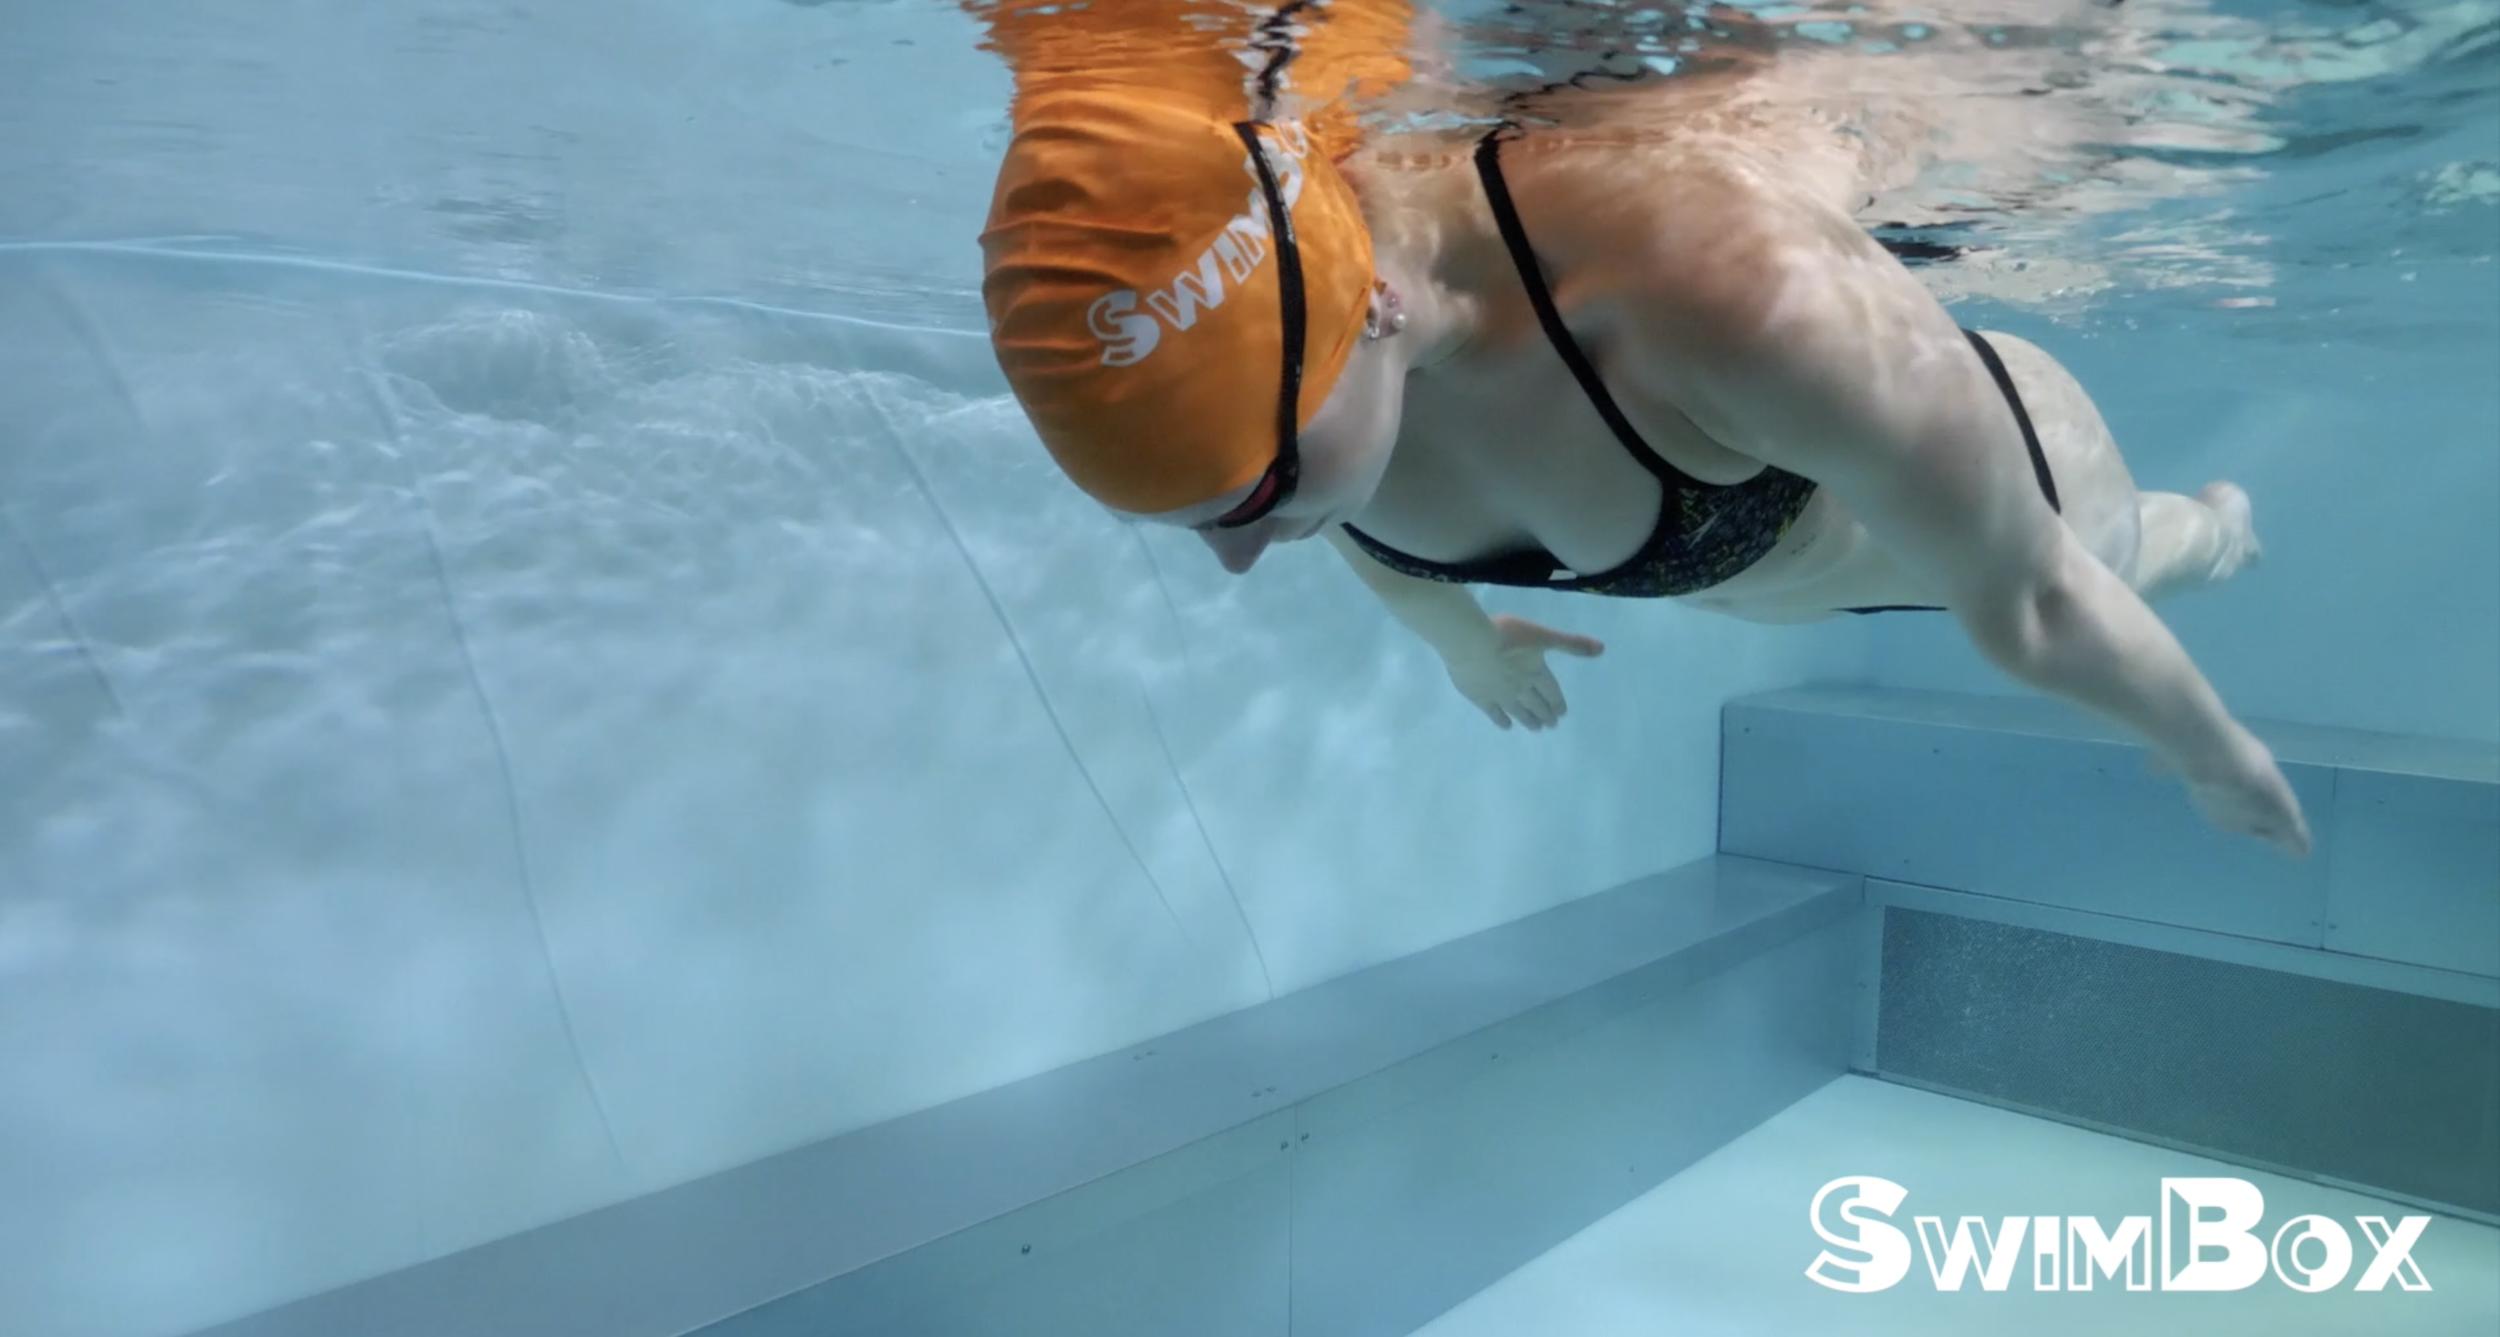 SwimBox Swim Lessons Sterling SwimBox Swimming Lessons Fairfax SwimBox Arlington Swimming Lessons SwimBox